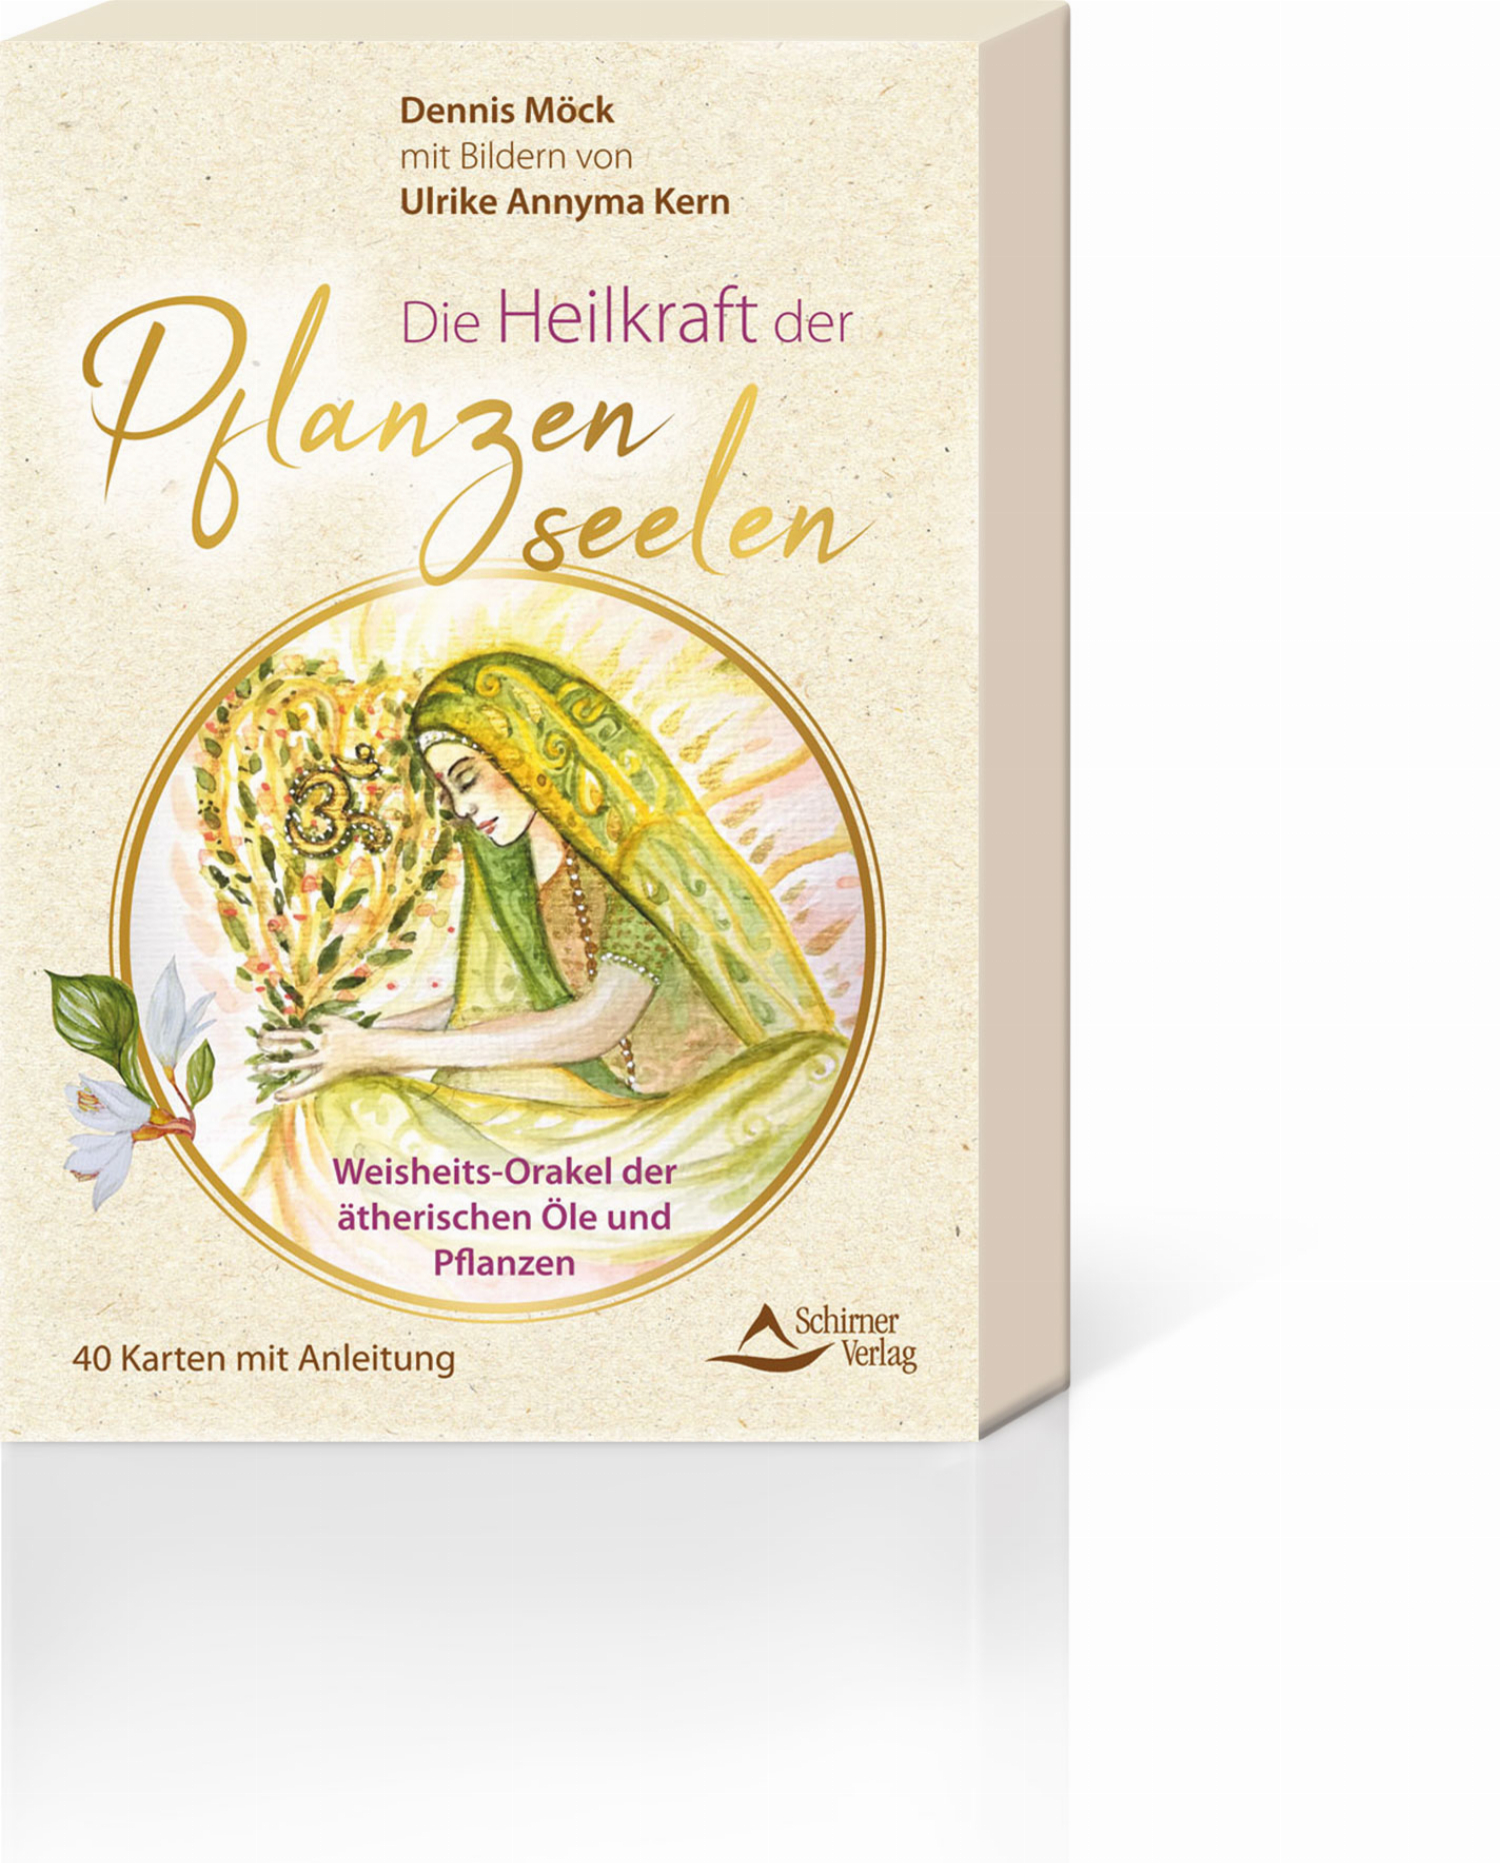 Die Heilkraft der Pflanzenseelen (Kartenset), Produktbild 1